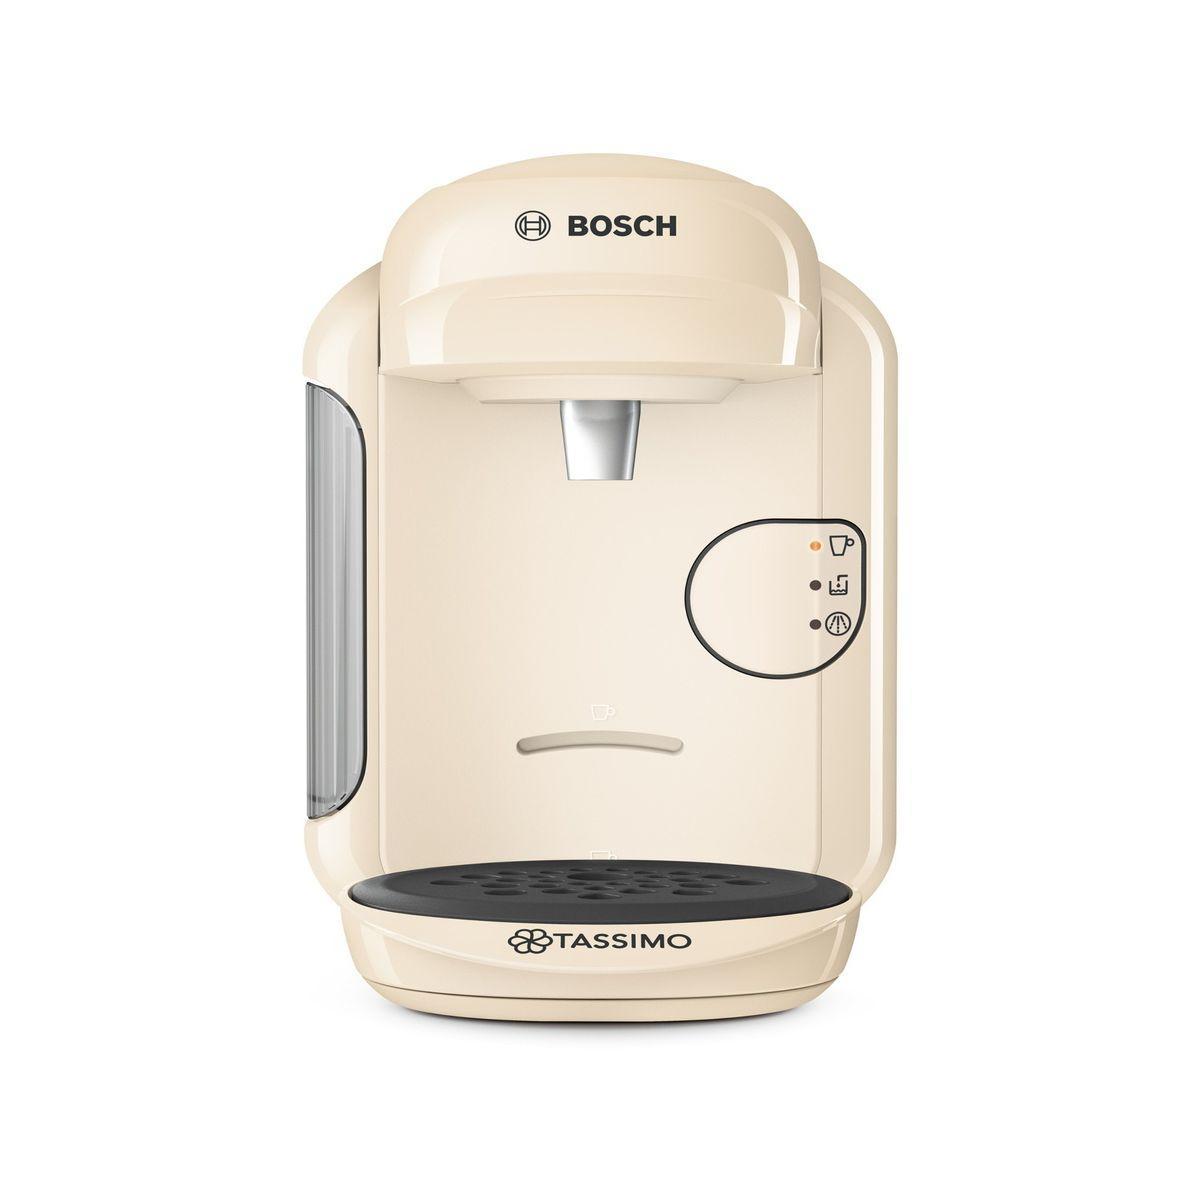 Bosch Vivy TAS1407 Kapseli ja espressokone Tassimo-yhteensopiva